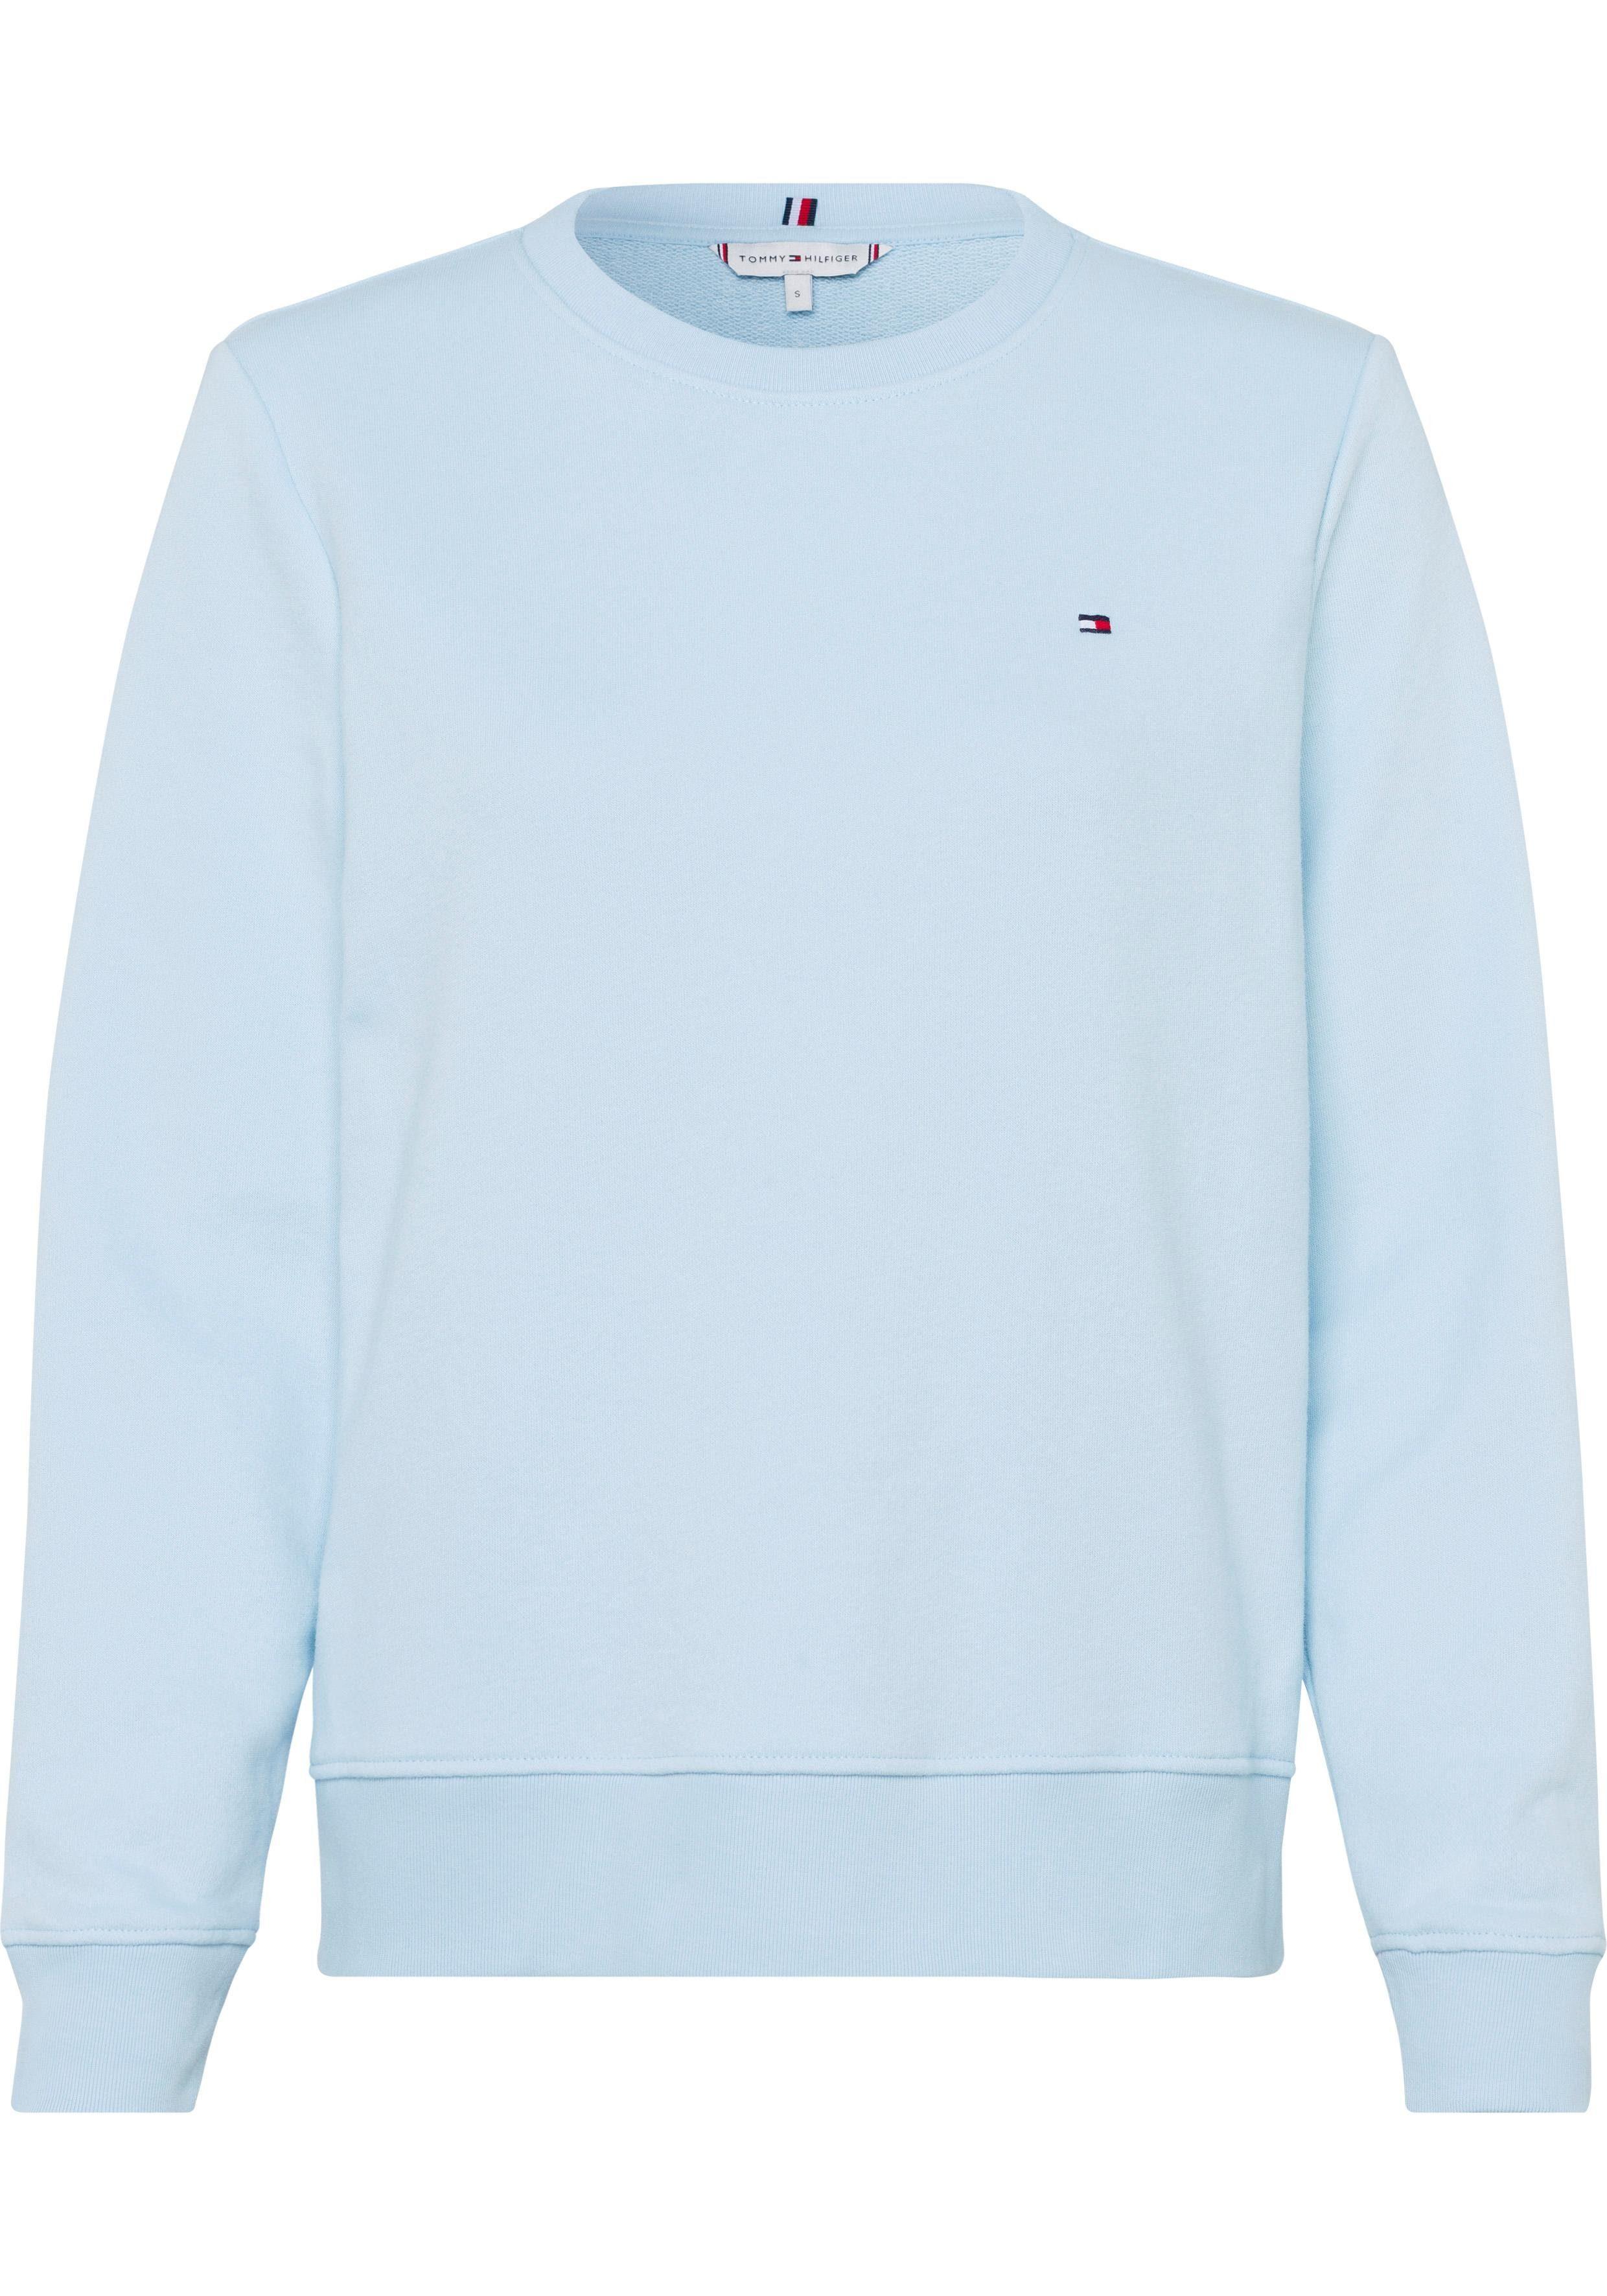 TOMMY HILFIGER Sweatshirt »Claire« aus gemütlichem Sweatstoff mit weichem Griff online kaufen | OTTO